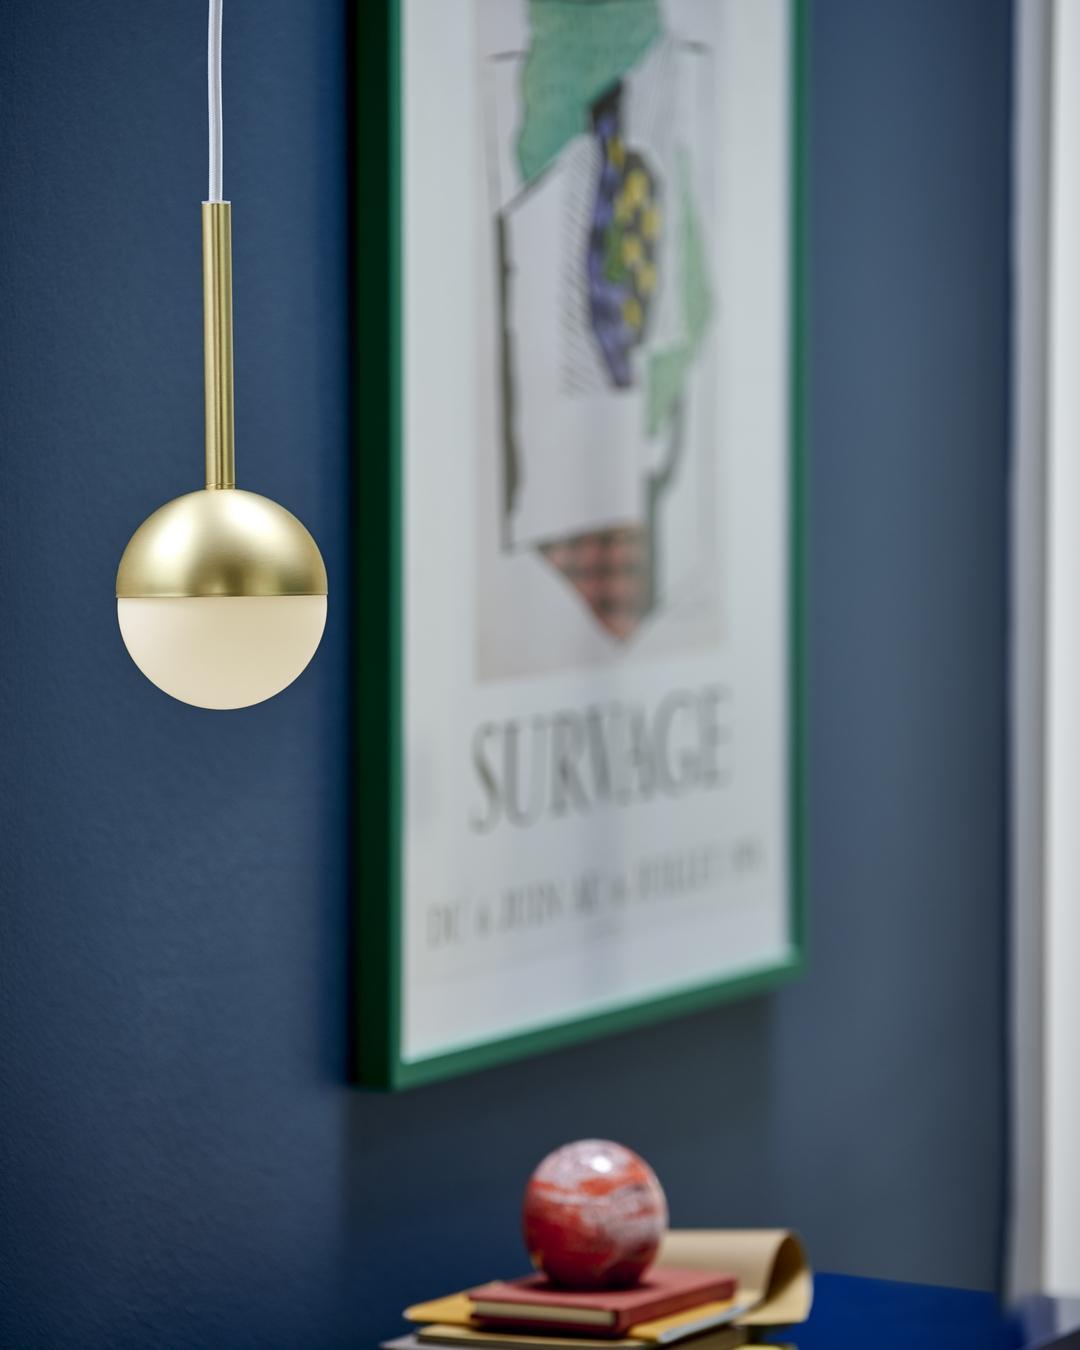 Mosadz je elegantný prvok v interiéri. Svietidlám dodáva nádych luxusu. - Obrázok č. 2